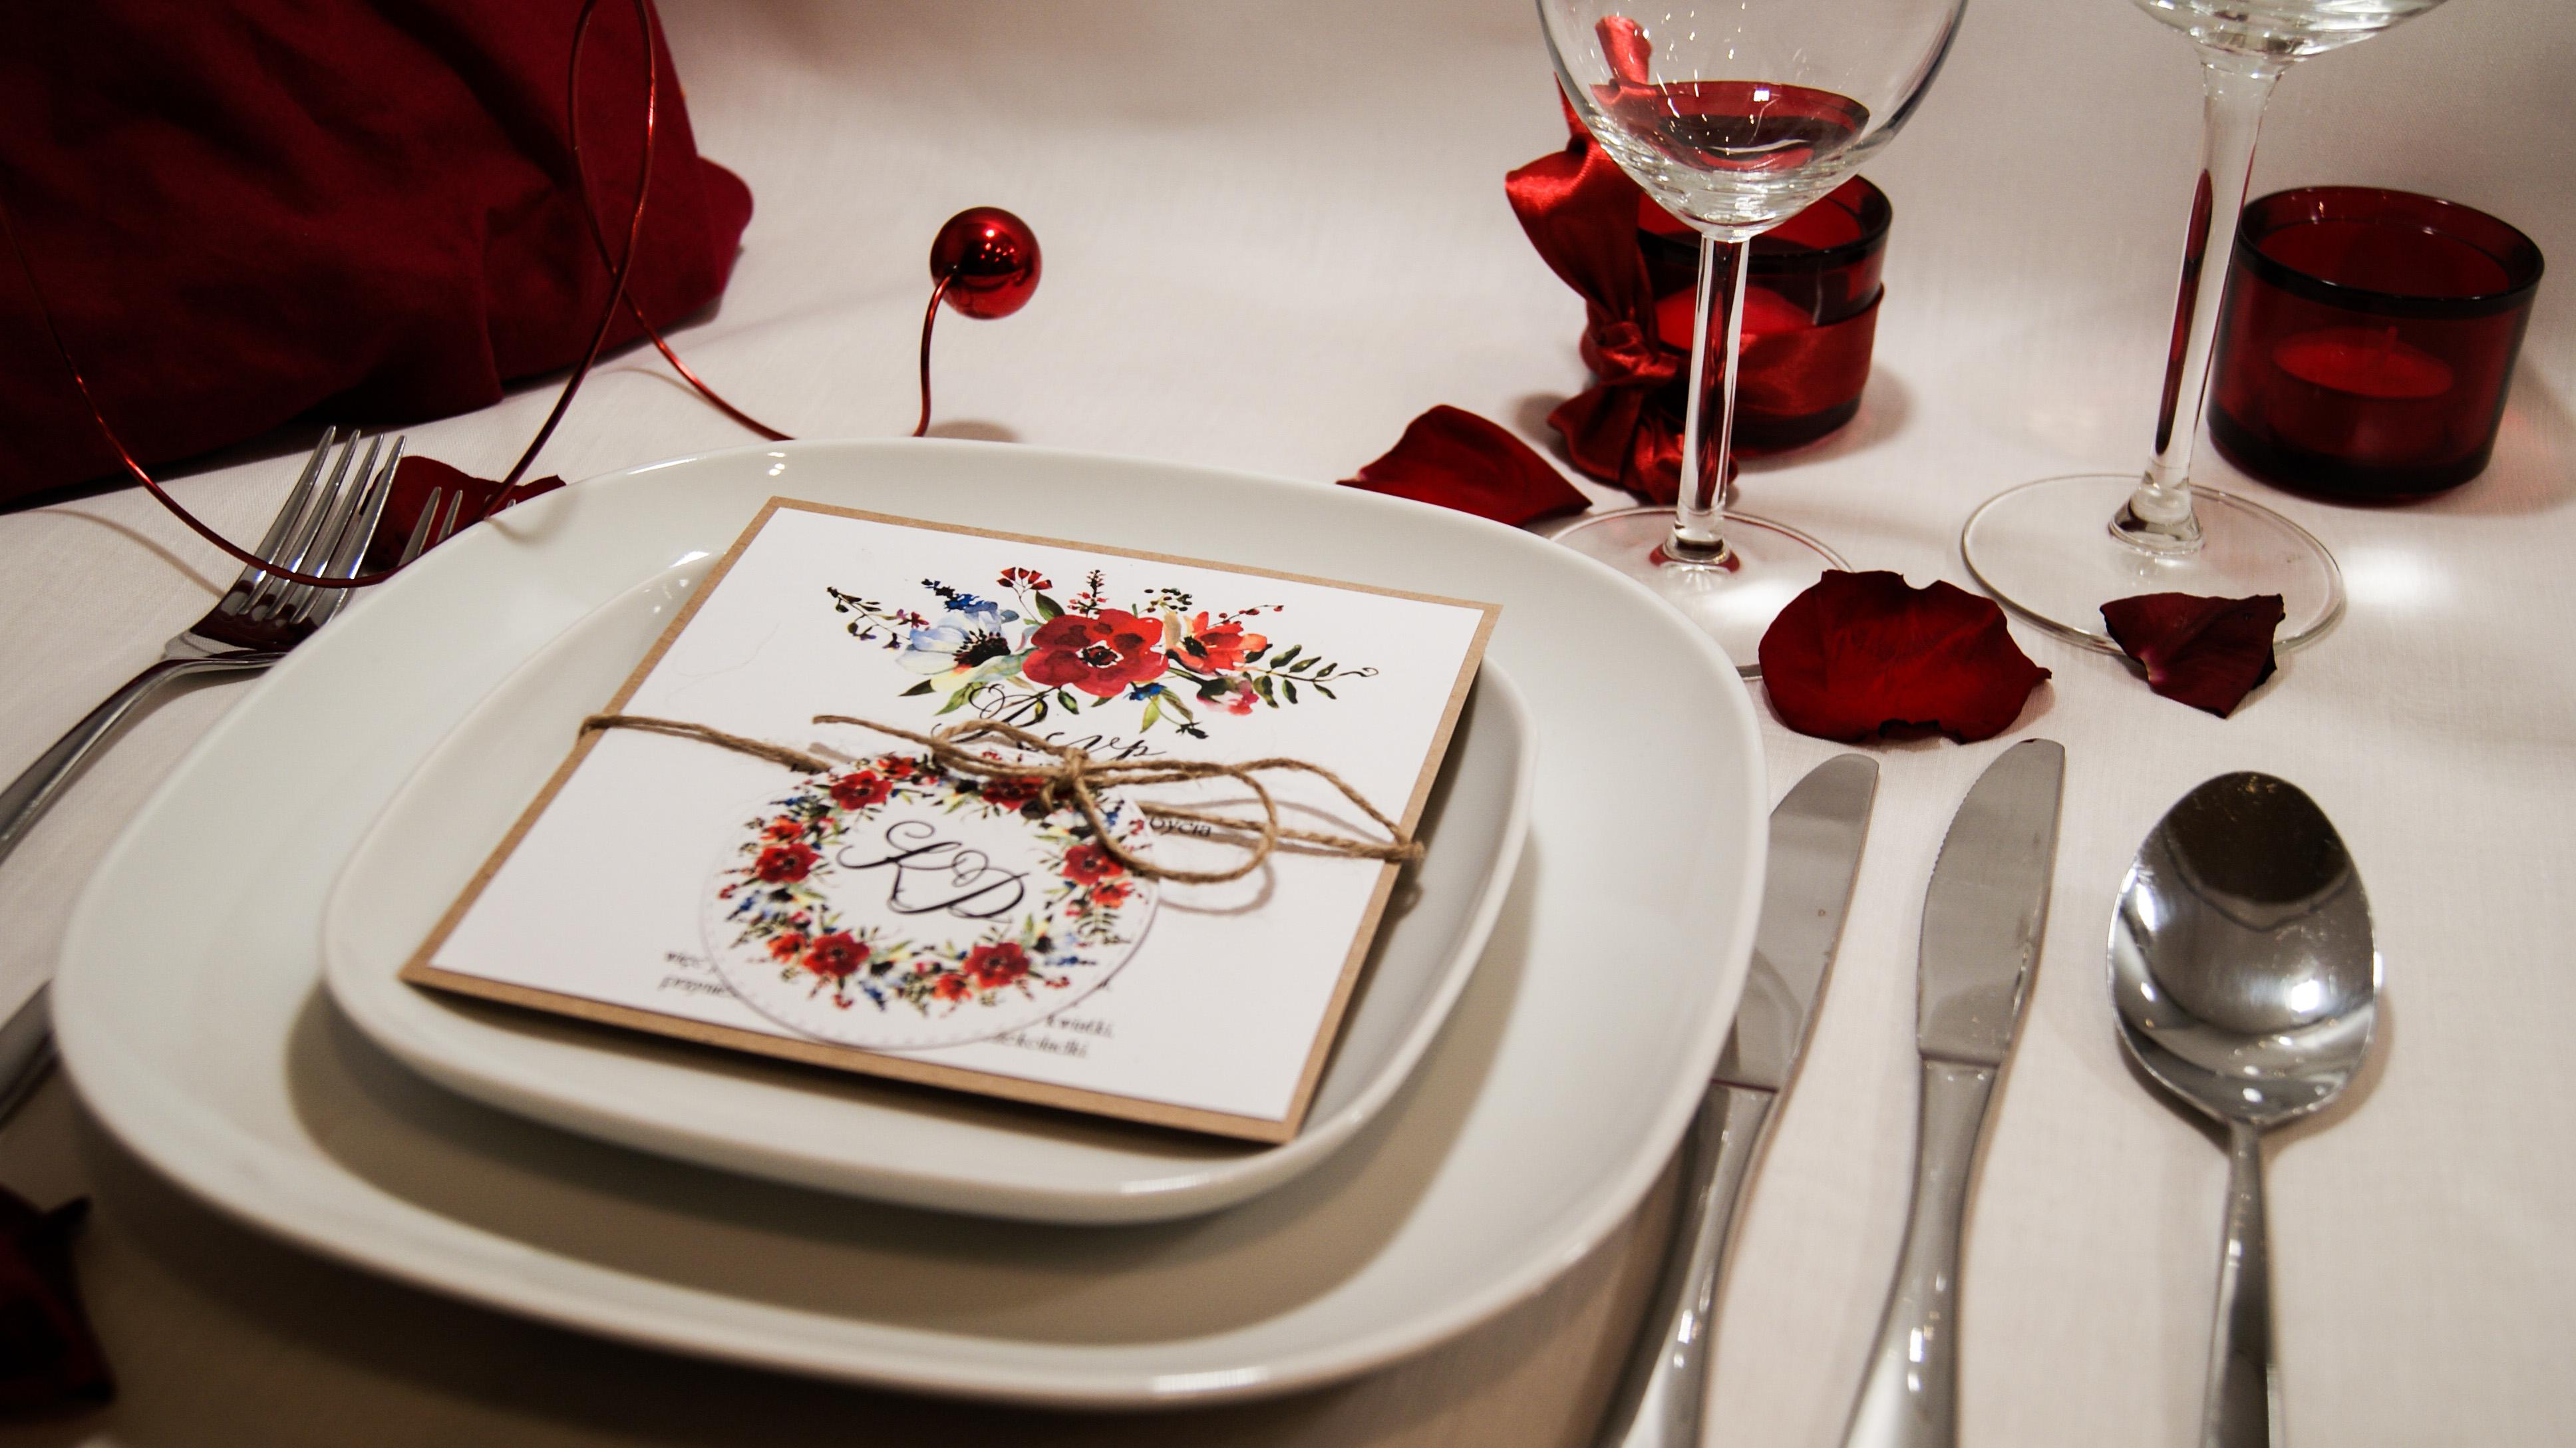 Burgund Idealny Kolor Na Listopadowy ślub The Weddbook Blog